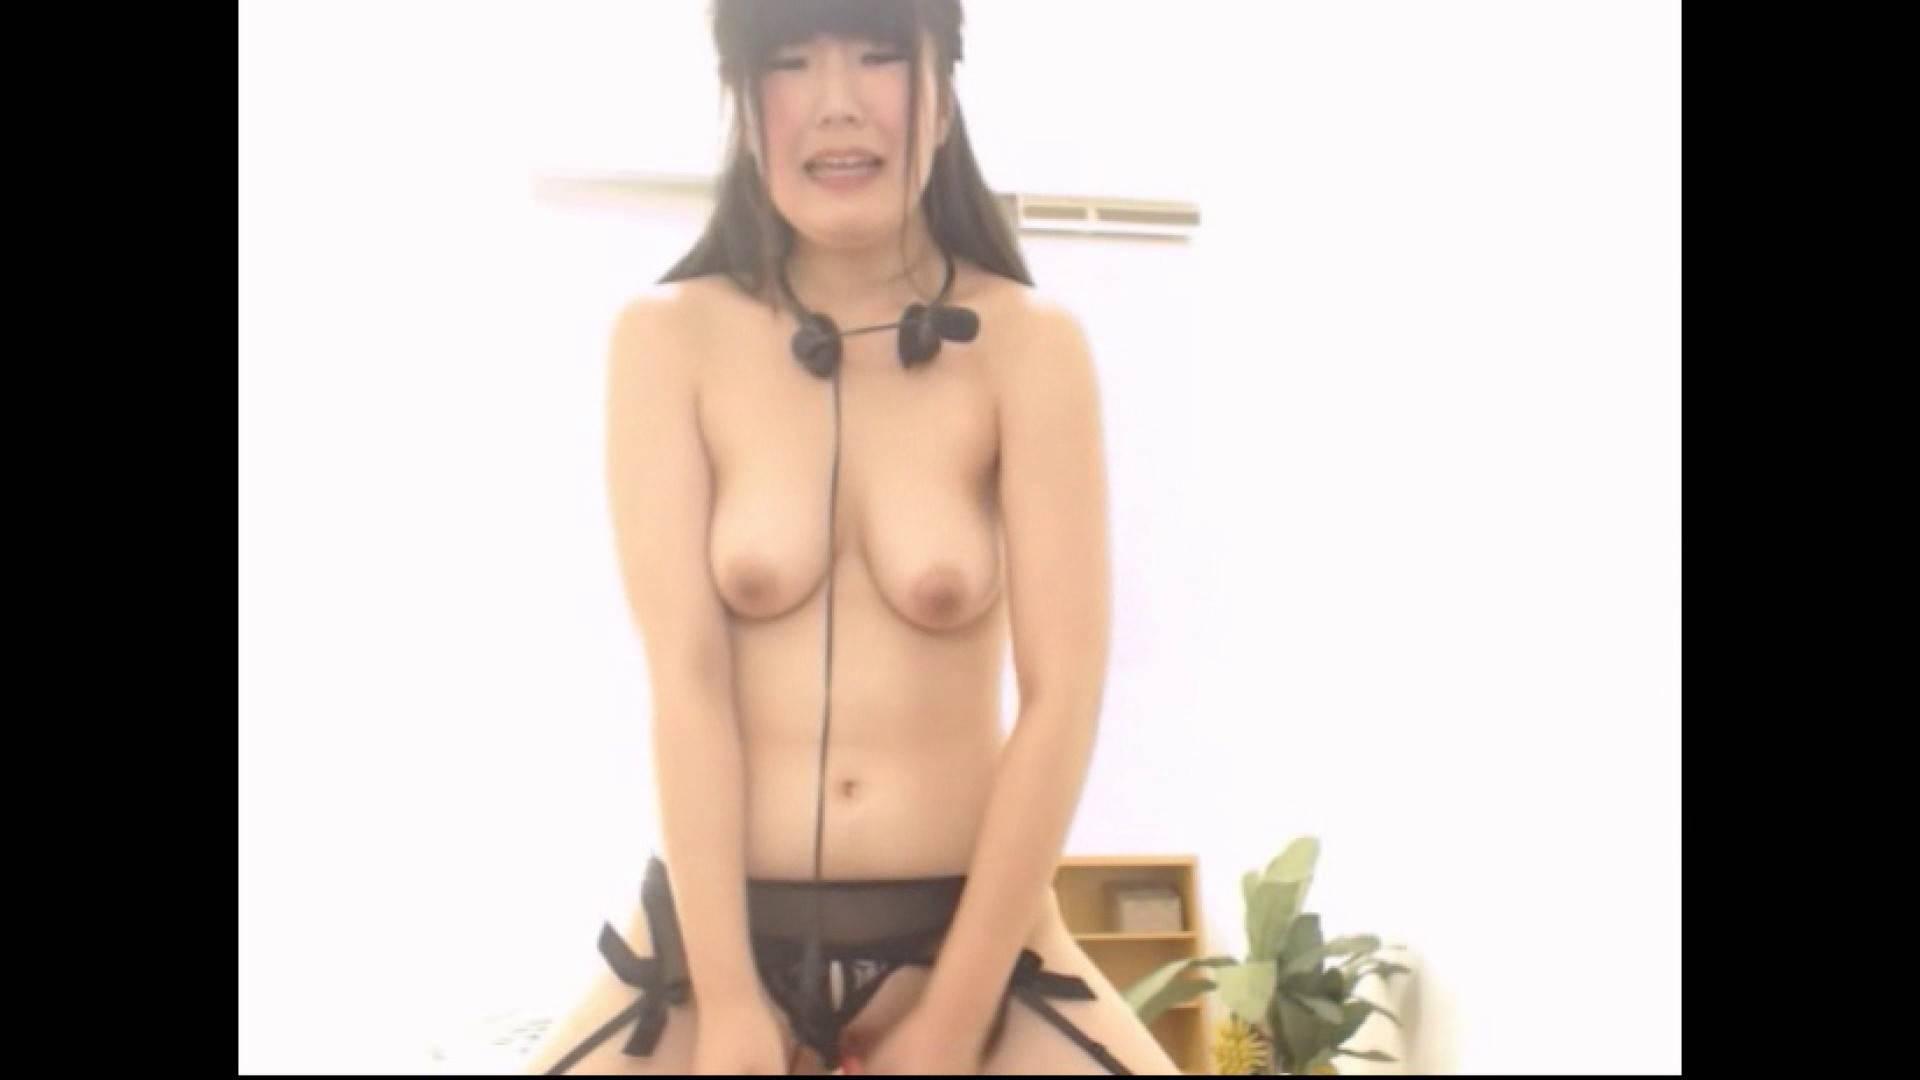 アヘ顔のわたしってどうかしら Vol.02 OL   美女達のヌード  24連発 8